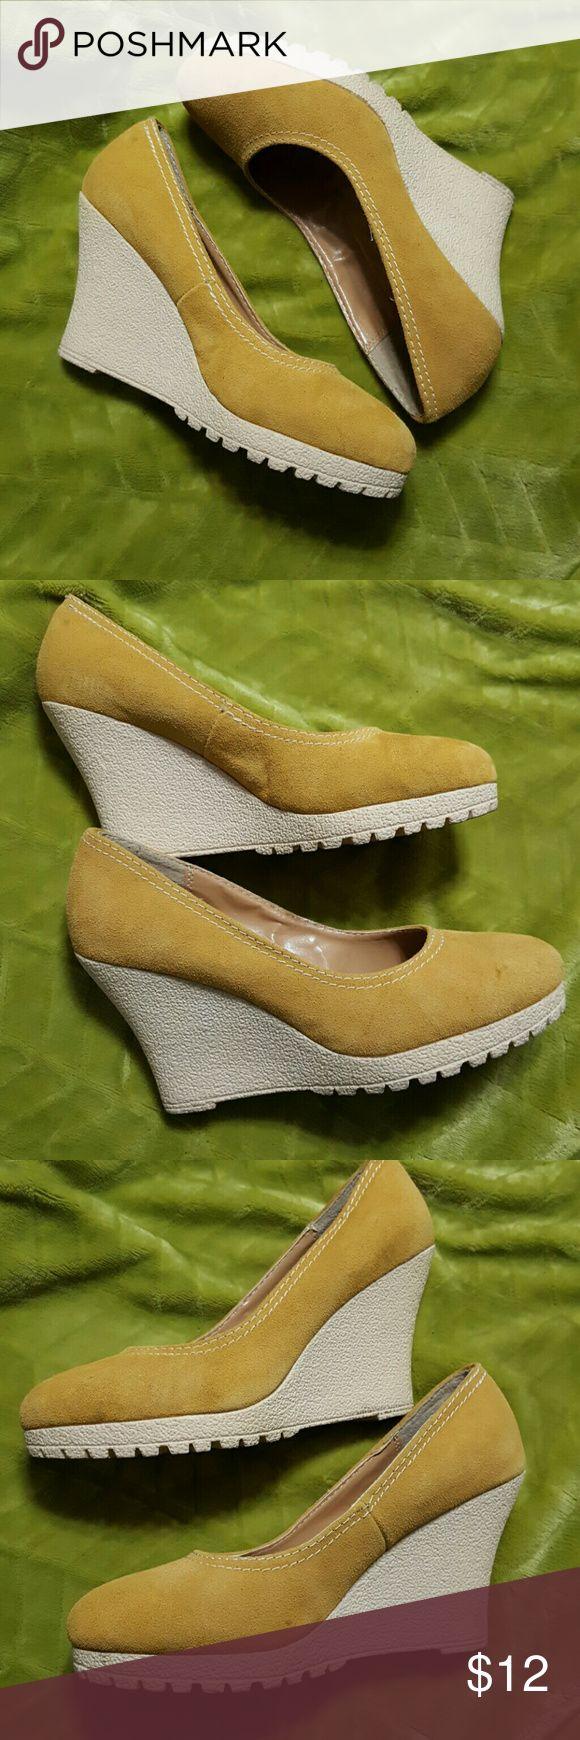 Golden Genuine Suede Wedge Pump Golden Yellow Moccasin color genuine suede wedge pumps size 8 with 3 1/2 inch heel Shoes Wedges